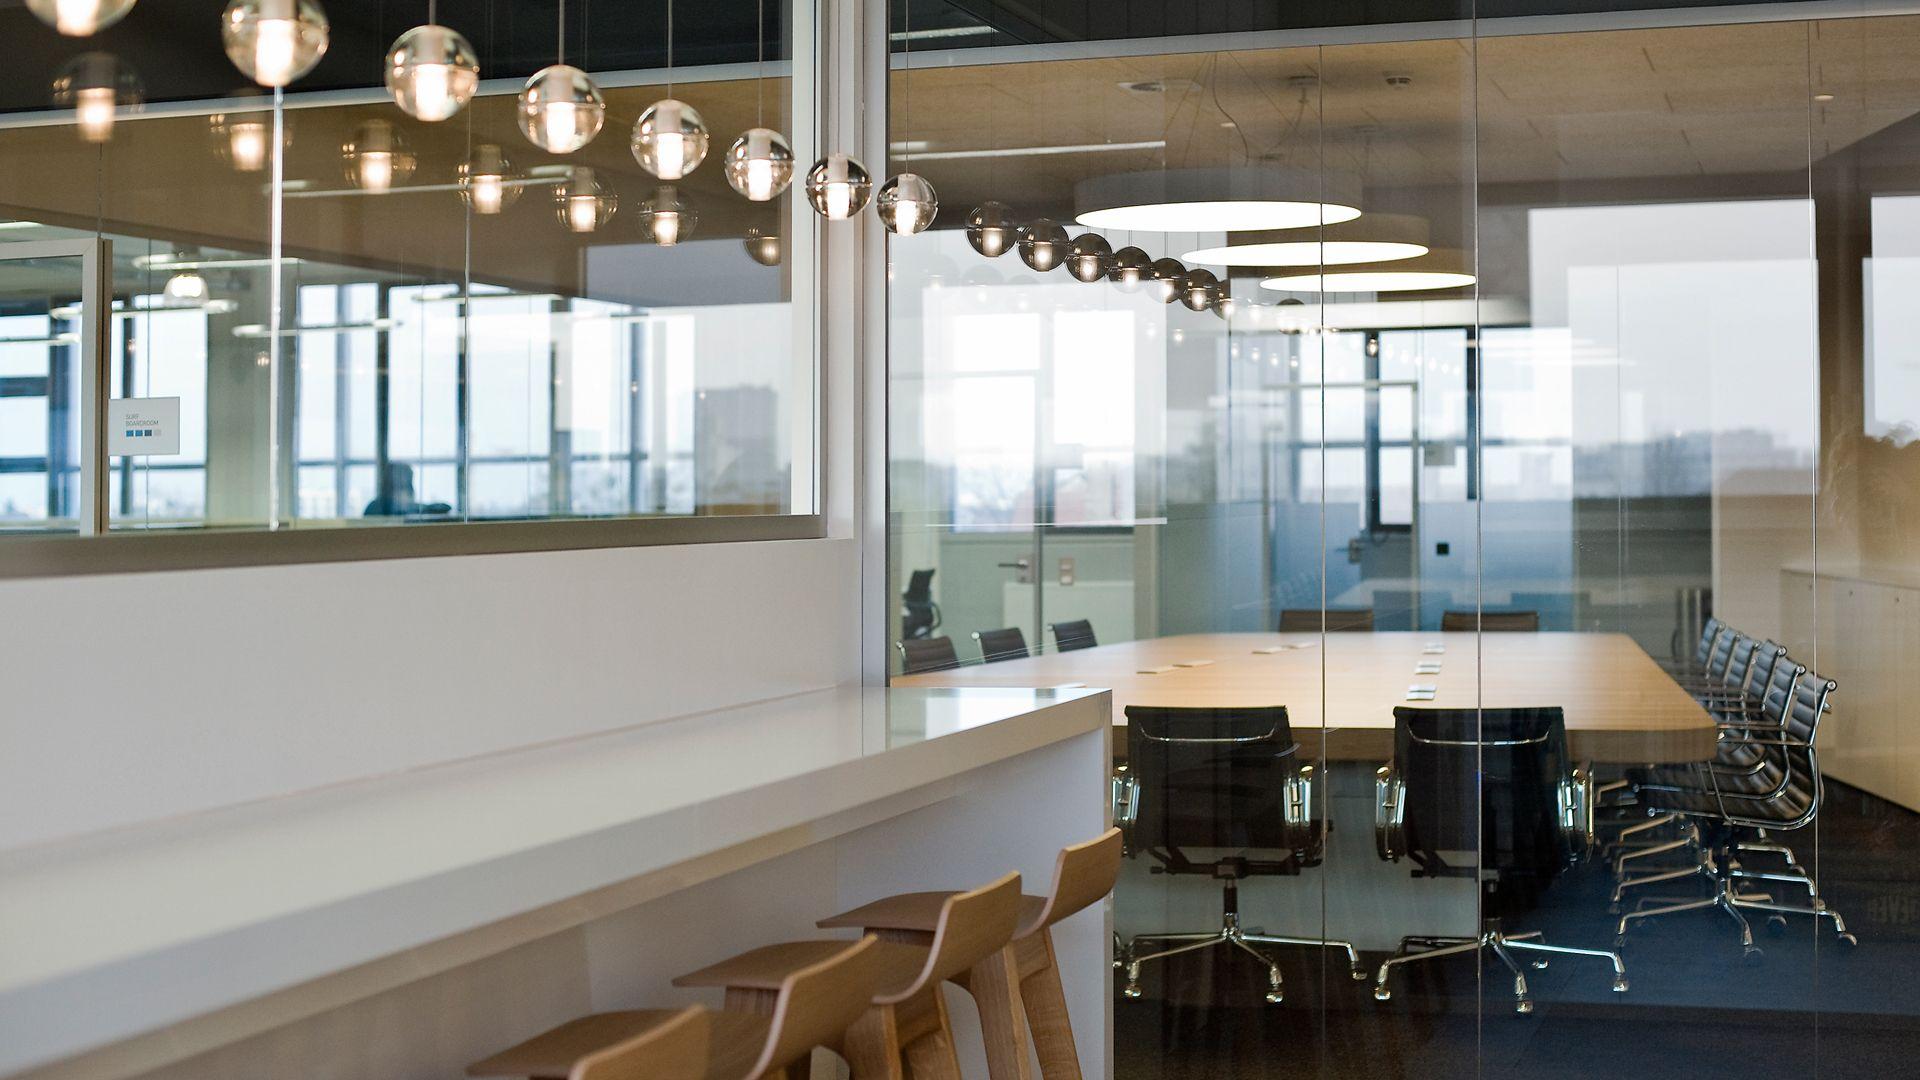 Empfangsbereich mit einer Sitztreppe aus Holz und im Kontrast dazu eine schwarze Theke fice McCANN Advertising Agency Berlin